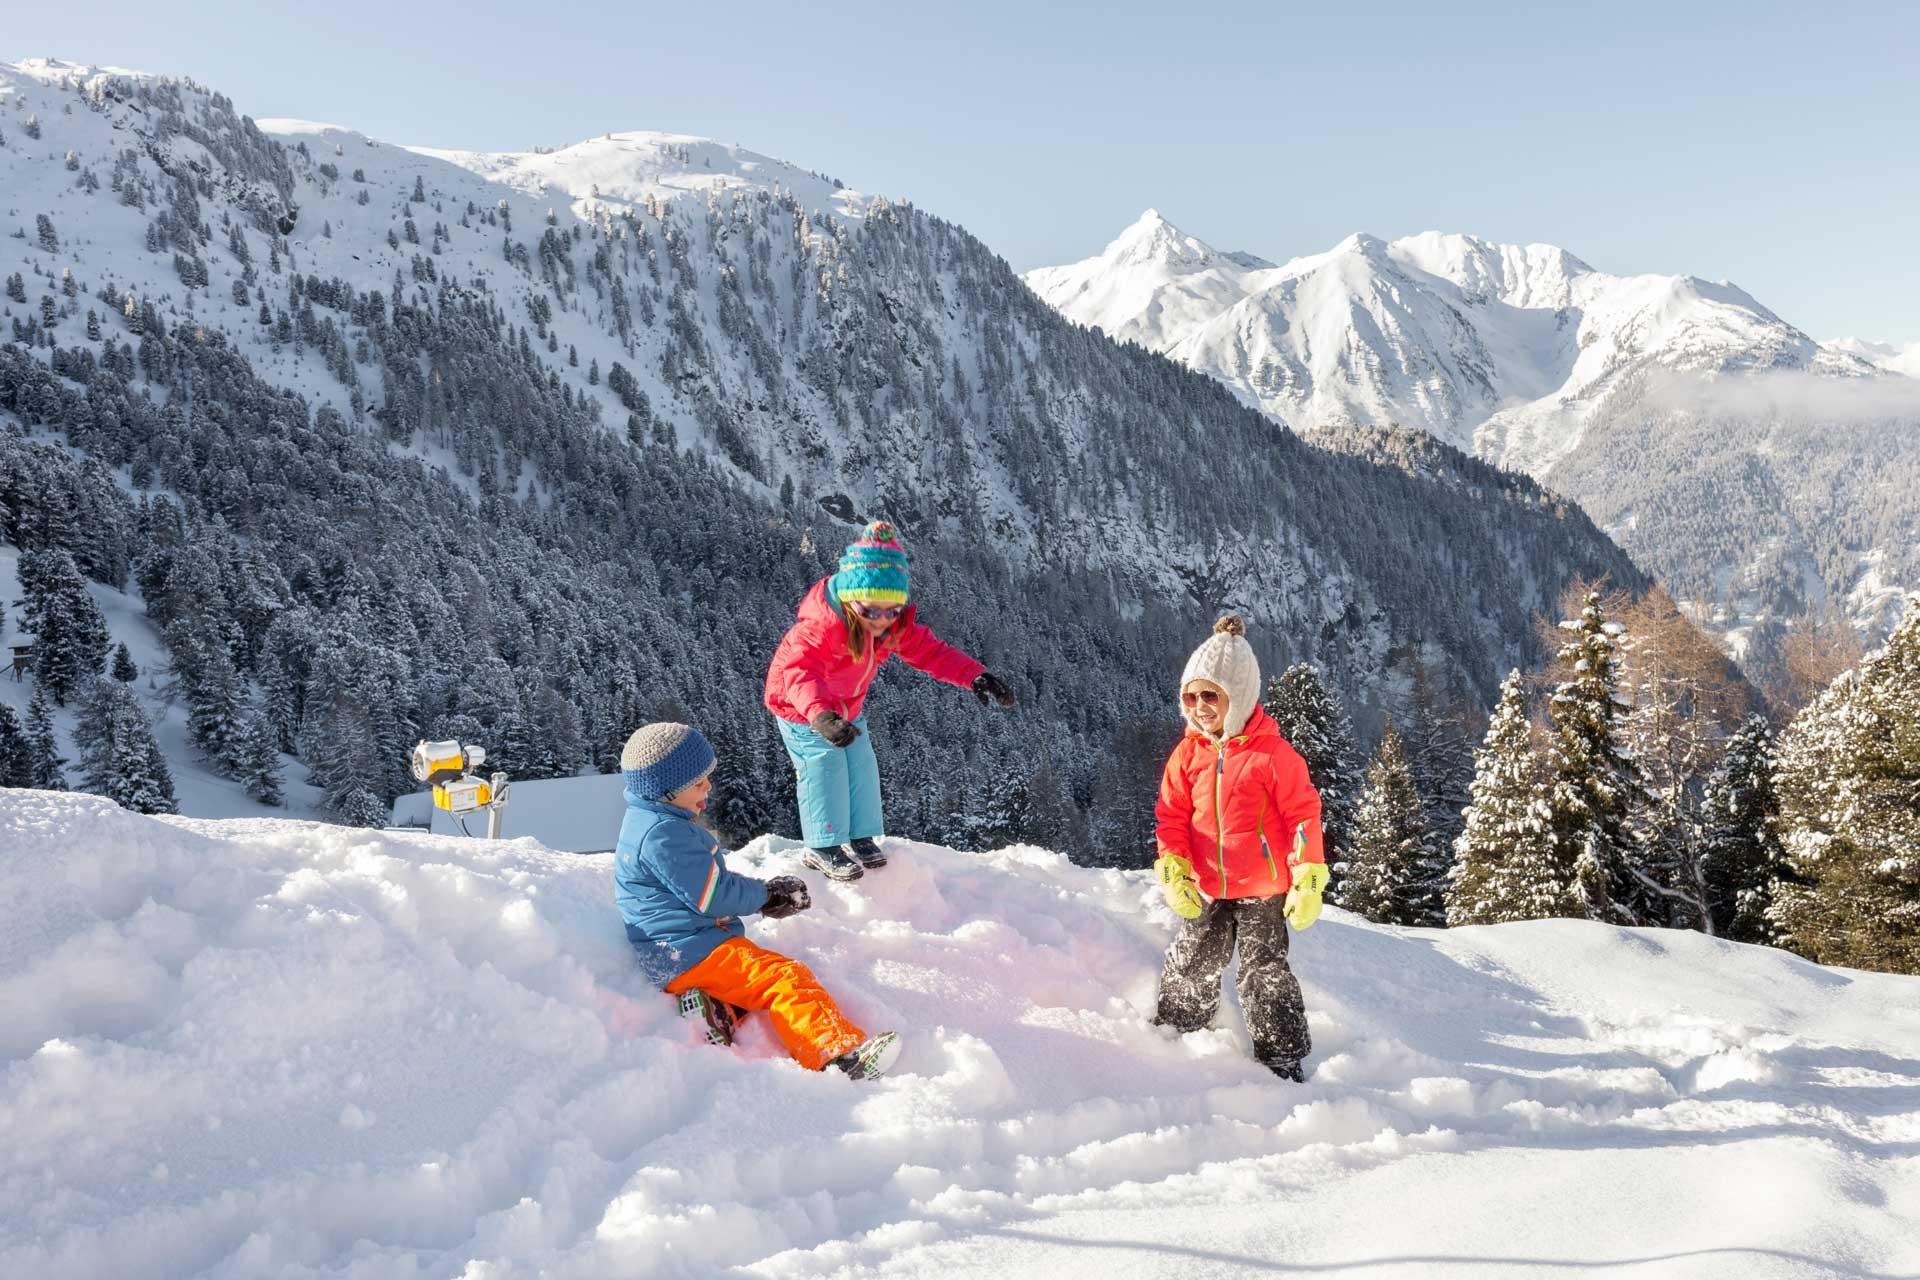 winterurlaub f252r familien mit kindern �ferienregion pitztal